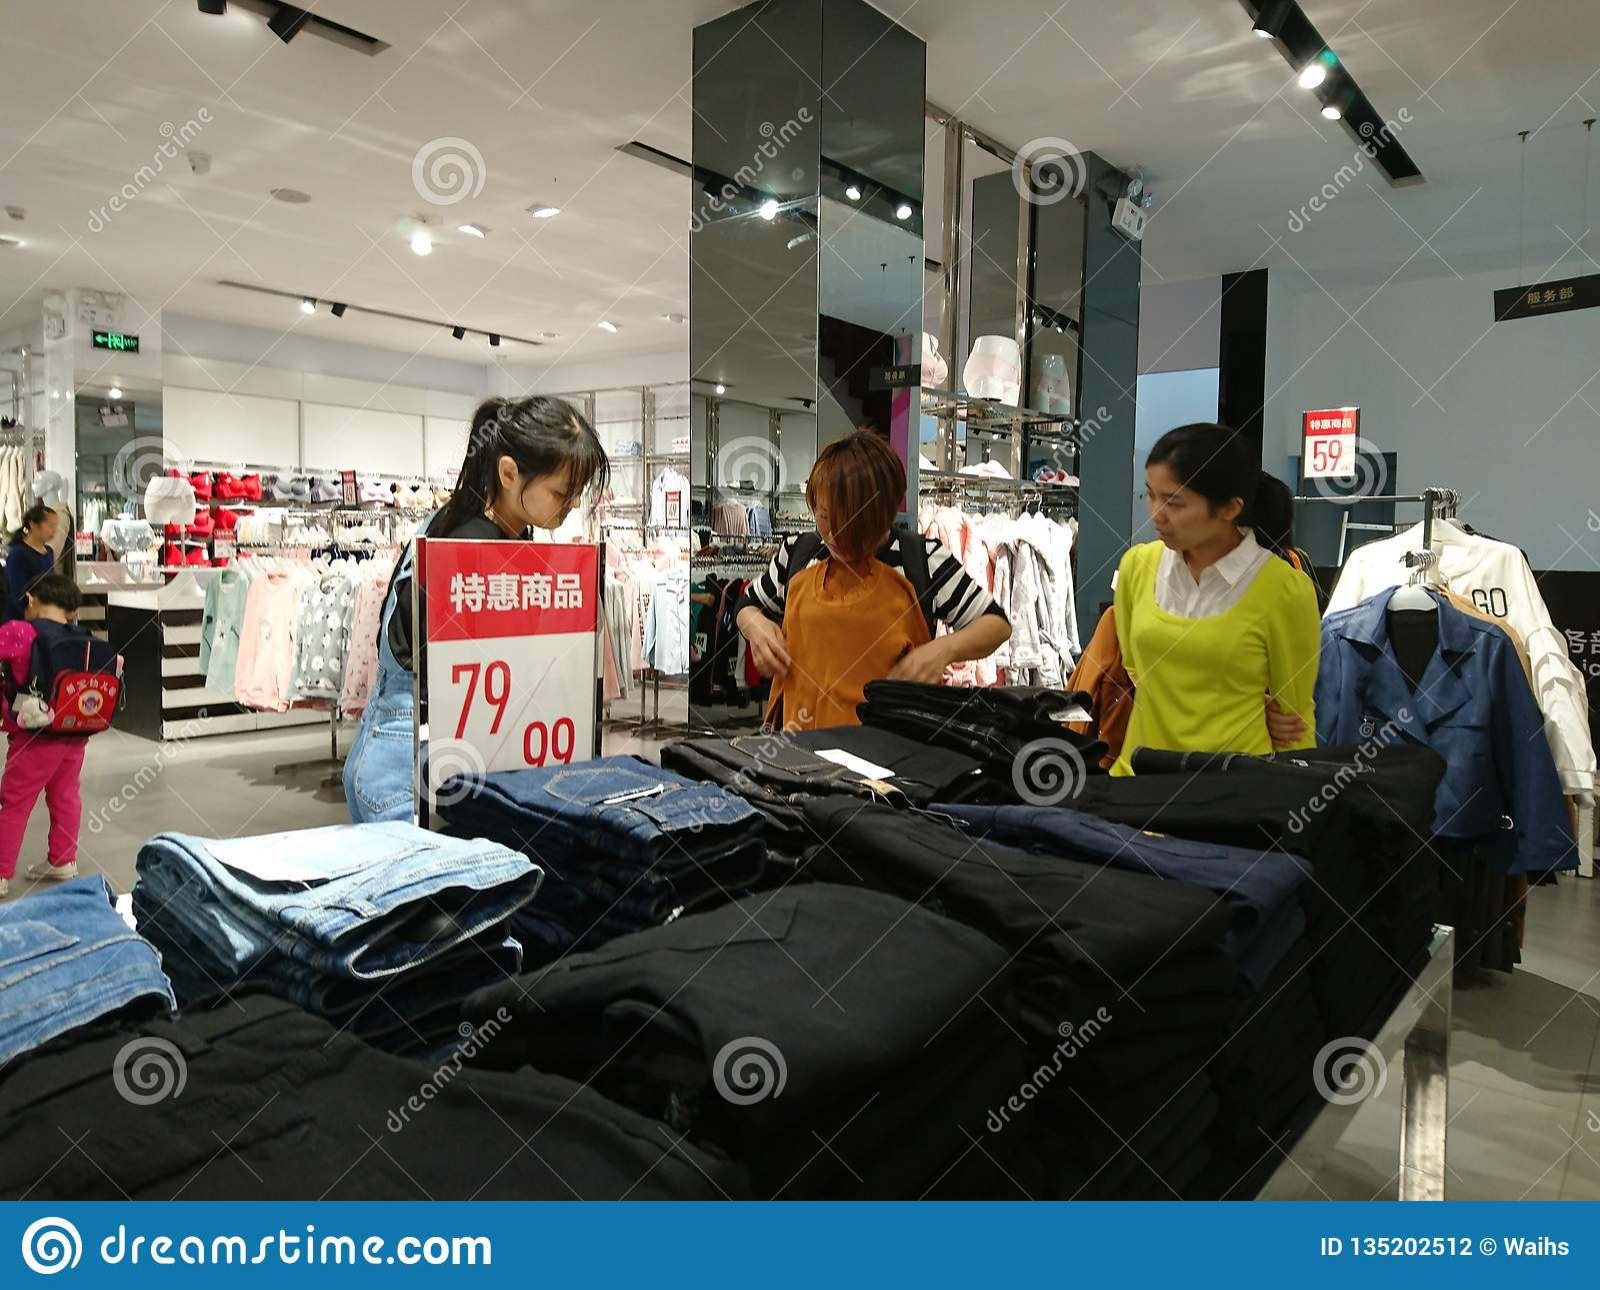 41118a8d5b Paisaje Interior De La Tienda De Ropa